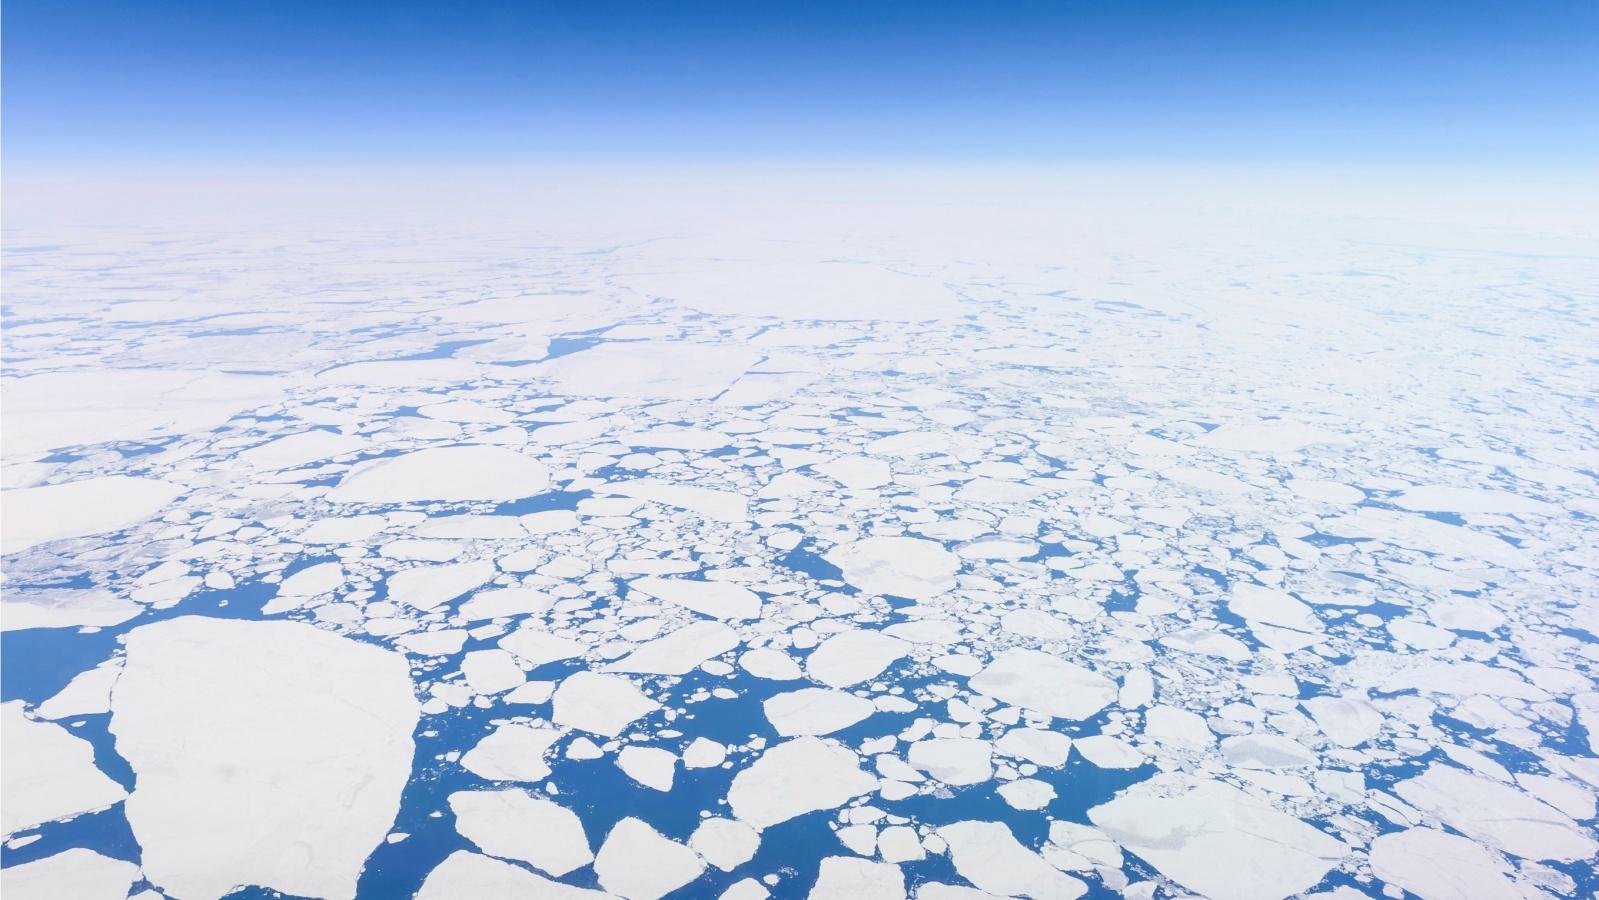 Почему ледниковый период на Земле случается каждые 100 тысяч лет? - 2